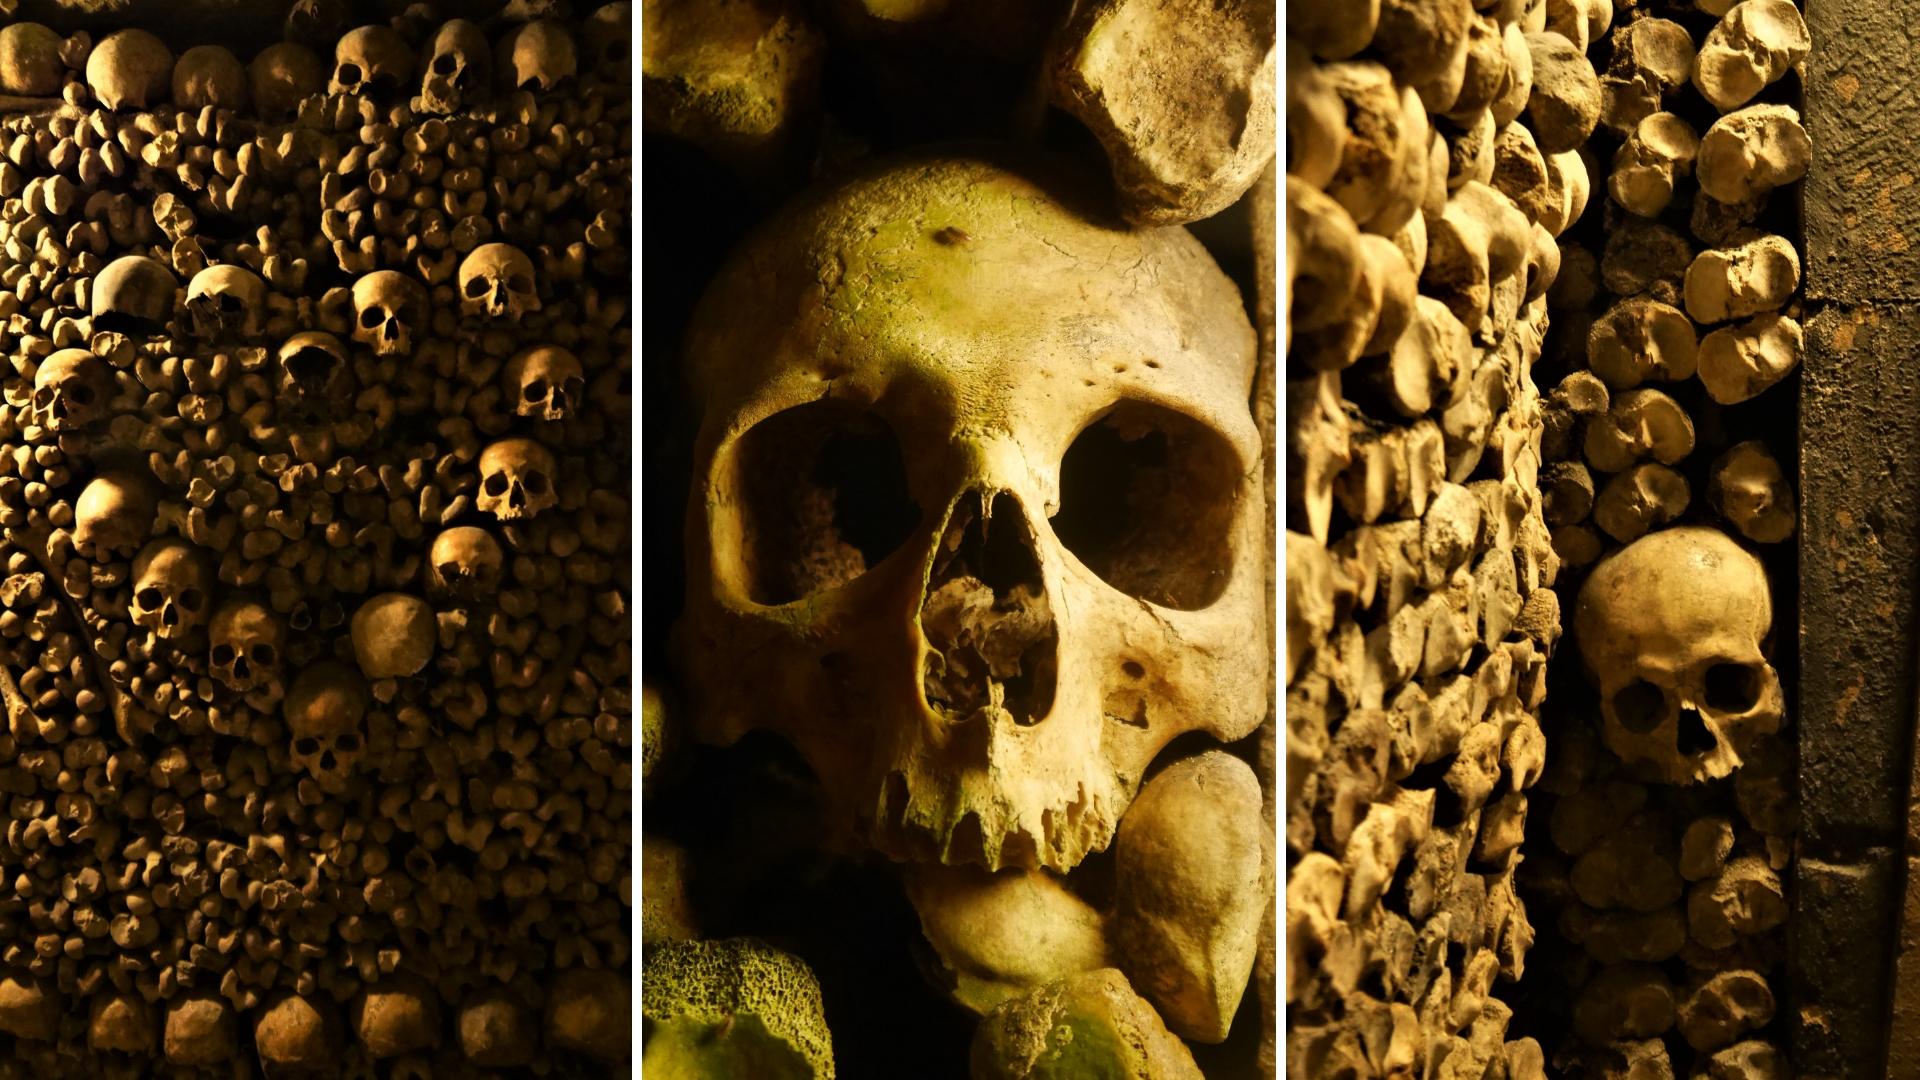 visiter catacombes paris infos pratiques blog voyage france arpenter le chemin